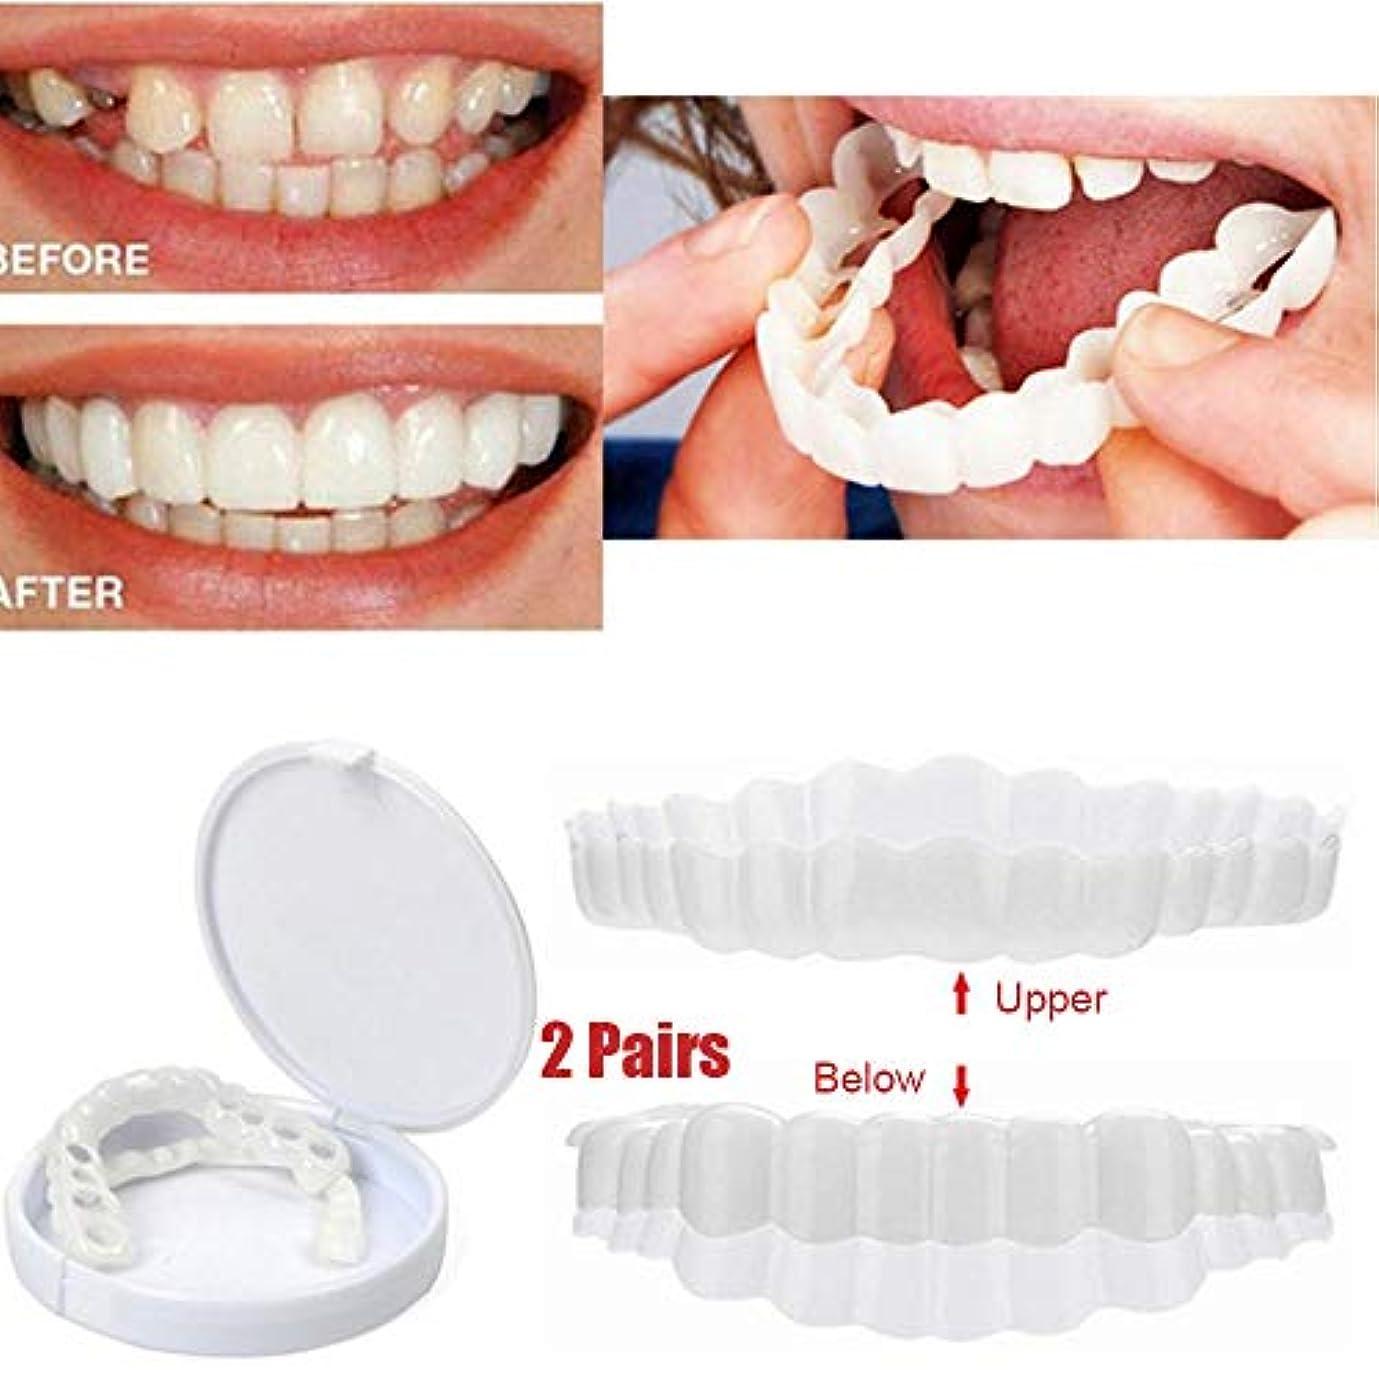 ピュー休憩口述する2ペア化粧品歯一時的な笑顔ホワイトニング歯インスタント快適な義歯化粧歯快適な柔軟な歯カバーコレクターパーフェクトスマイルシミュレーション付きボックス